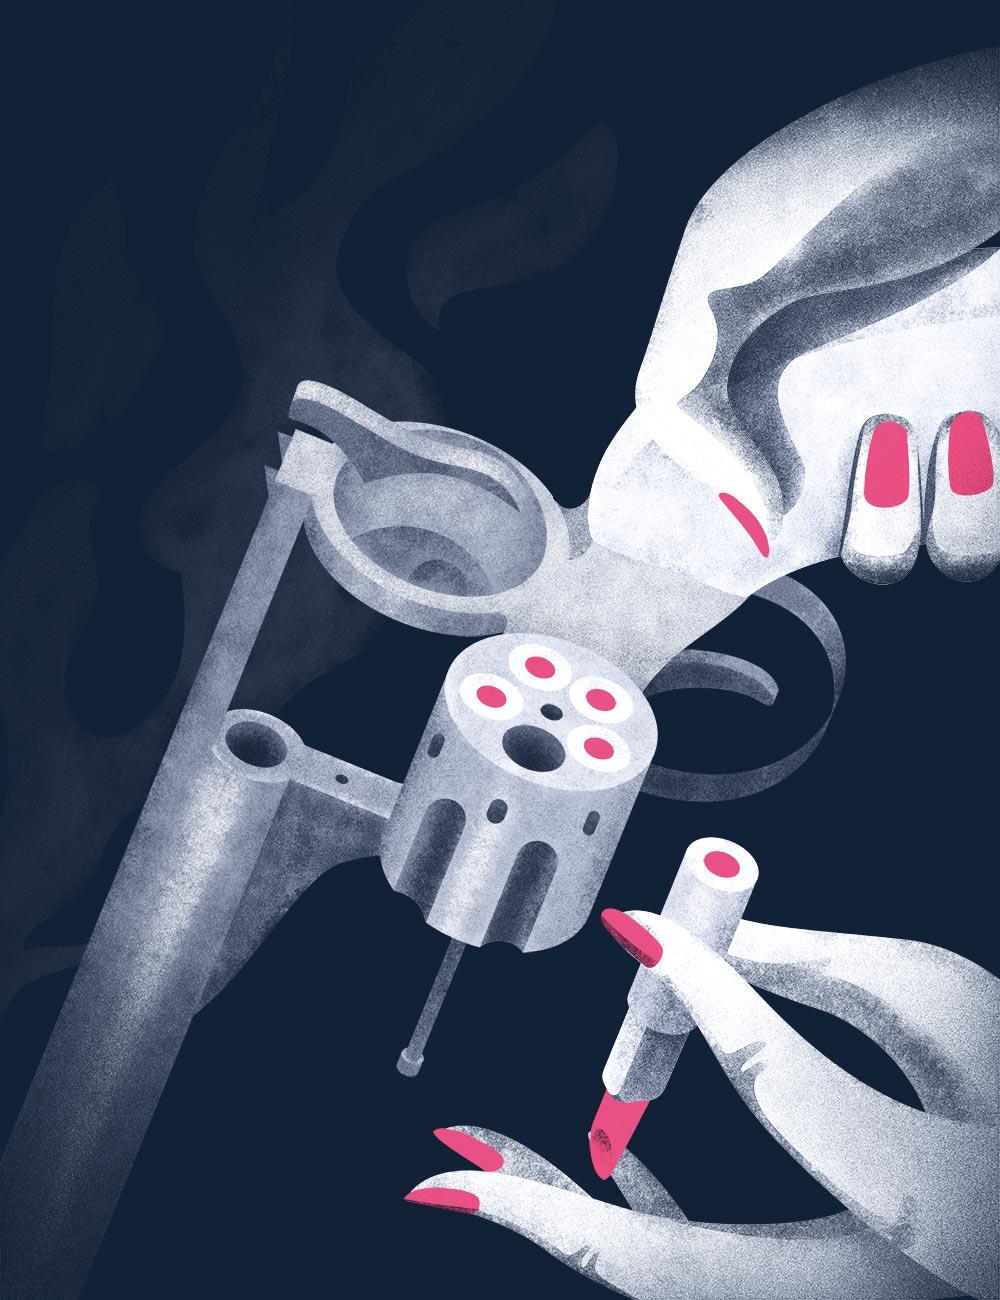 Le illustrazioni concettuali di Paolo Beghini | Collater.al 8